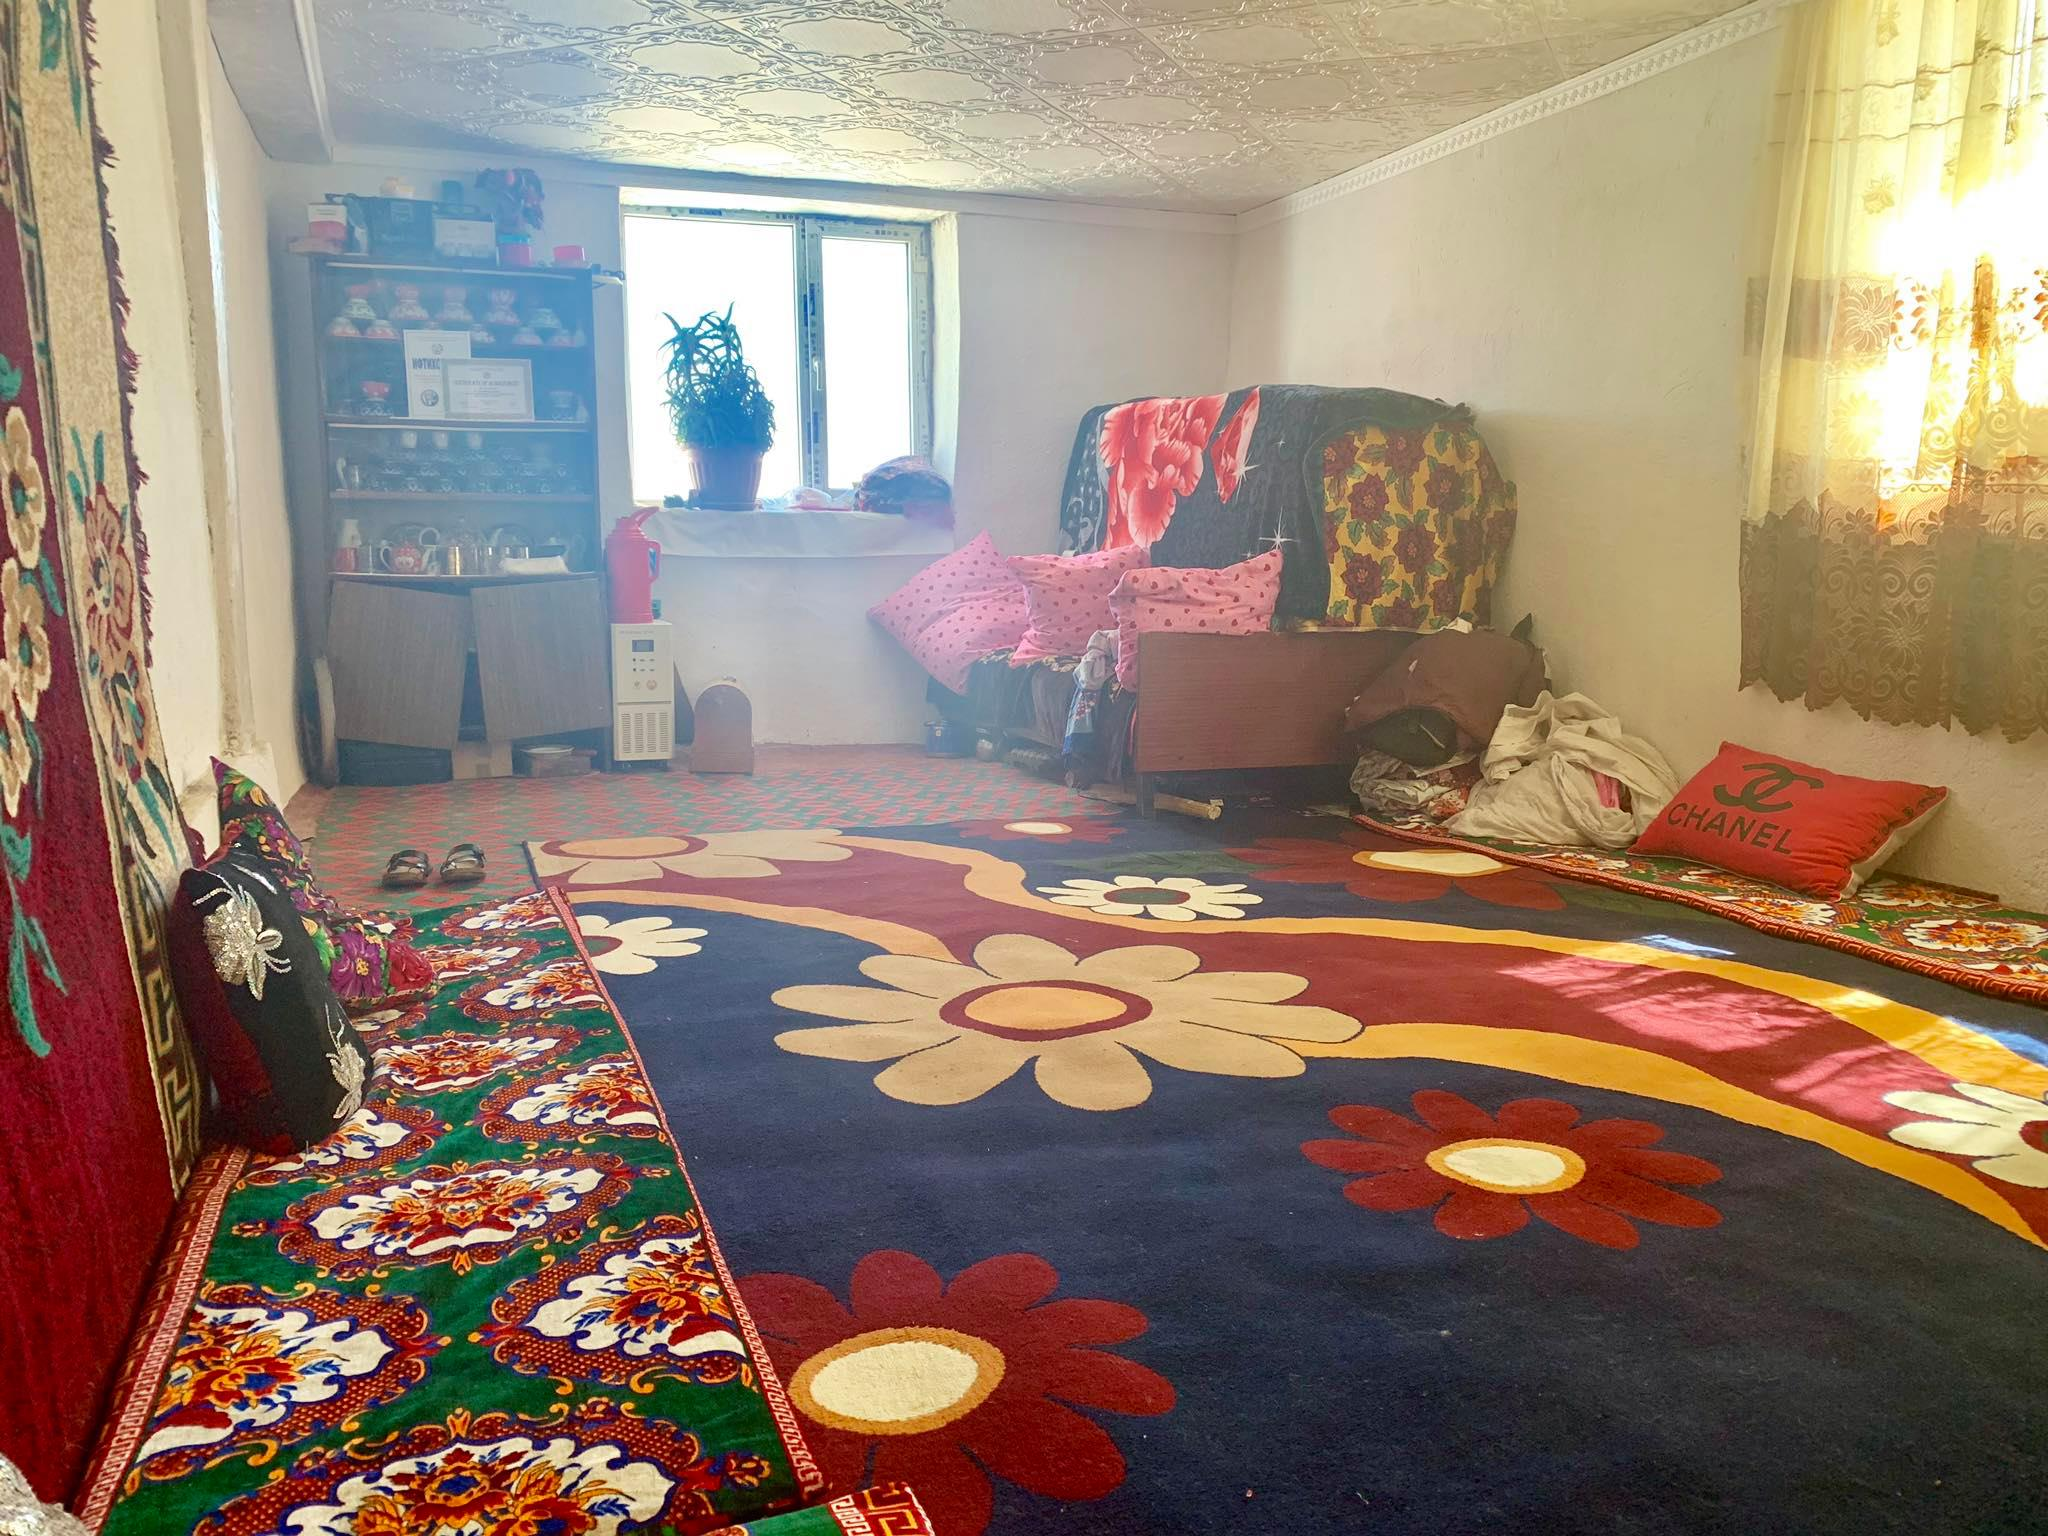 Kach Solo Travels in 2019 Homestay at Bulunkul Village31.jpg